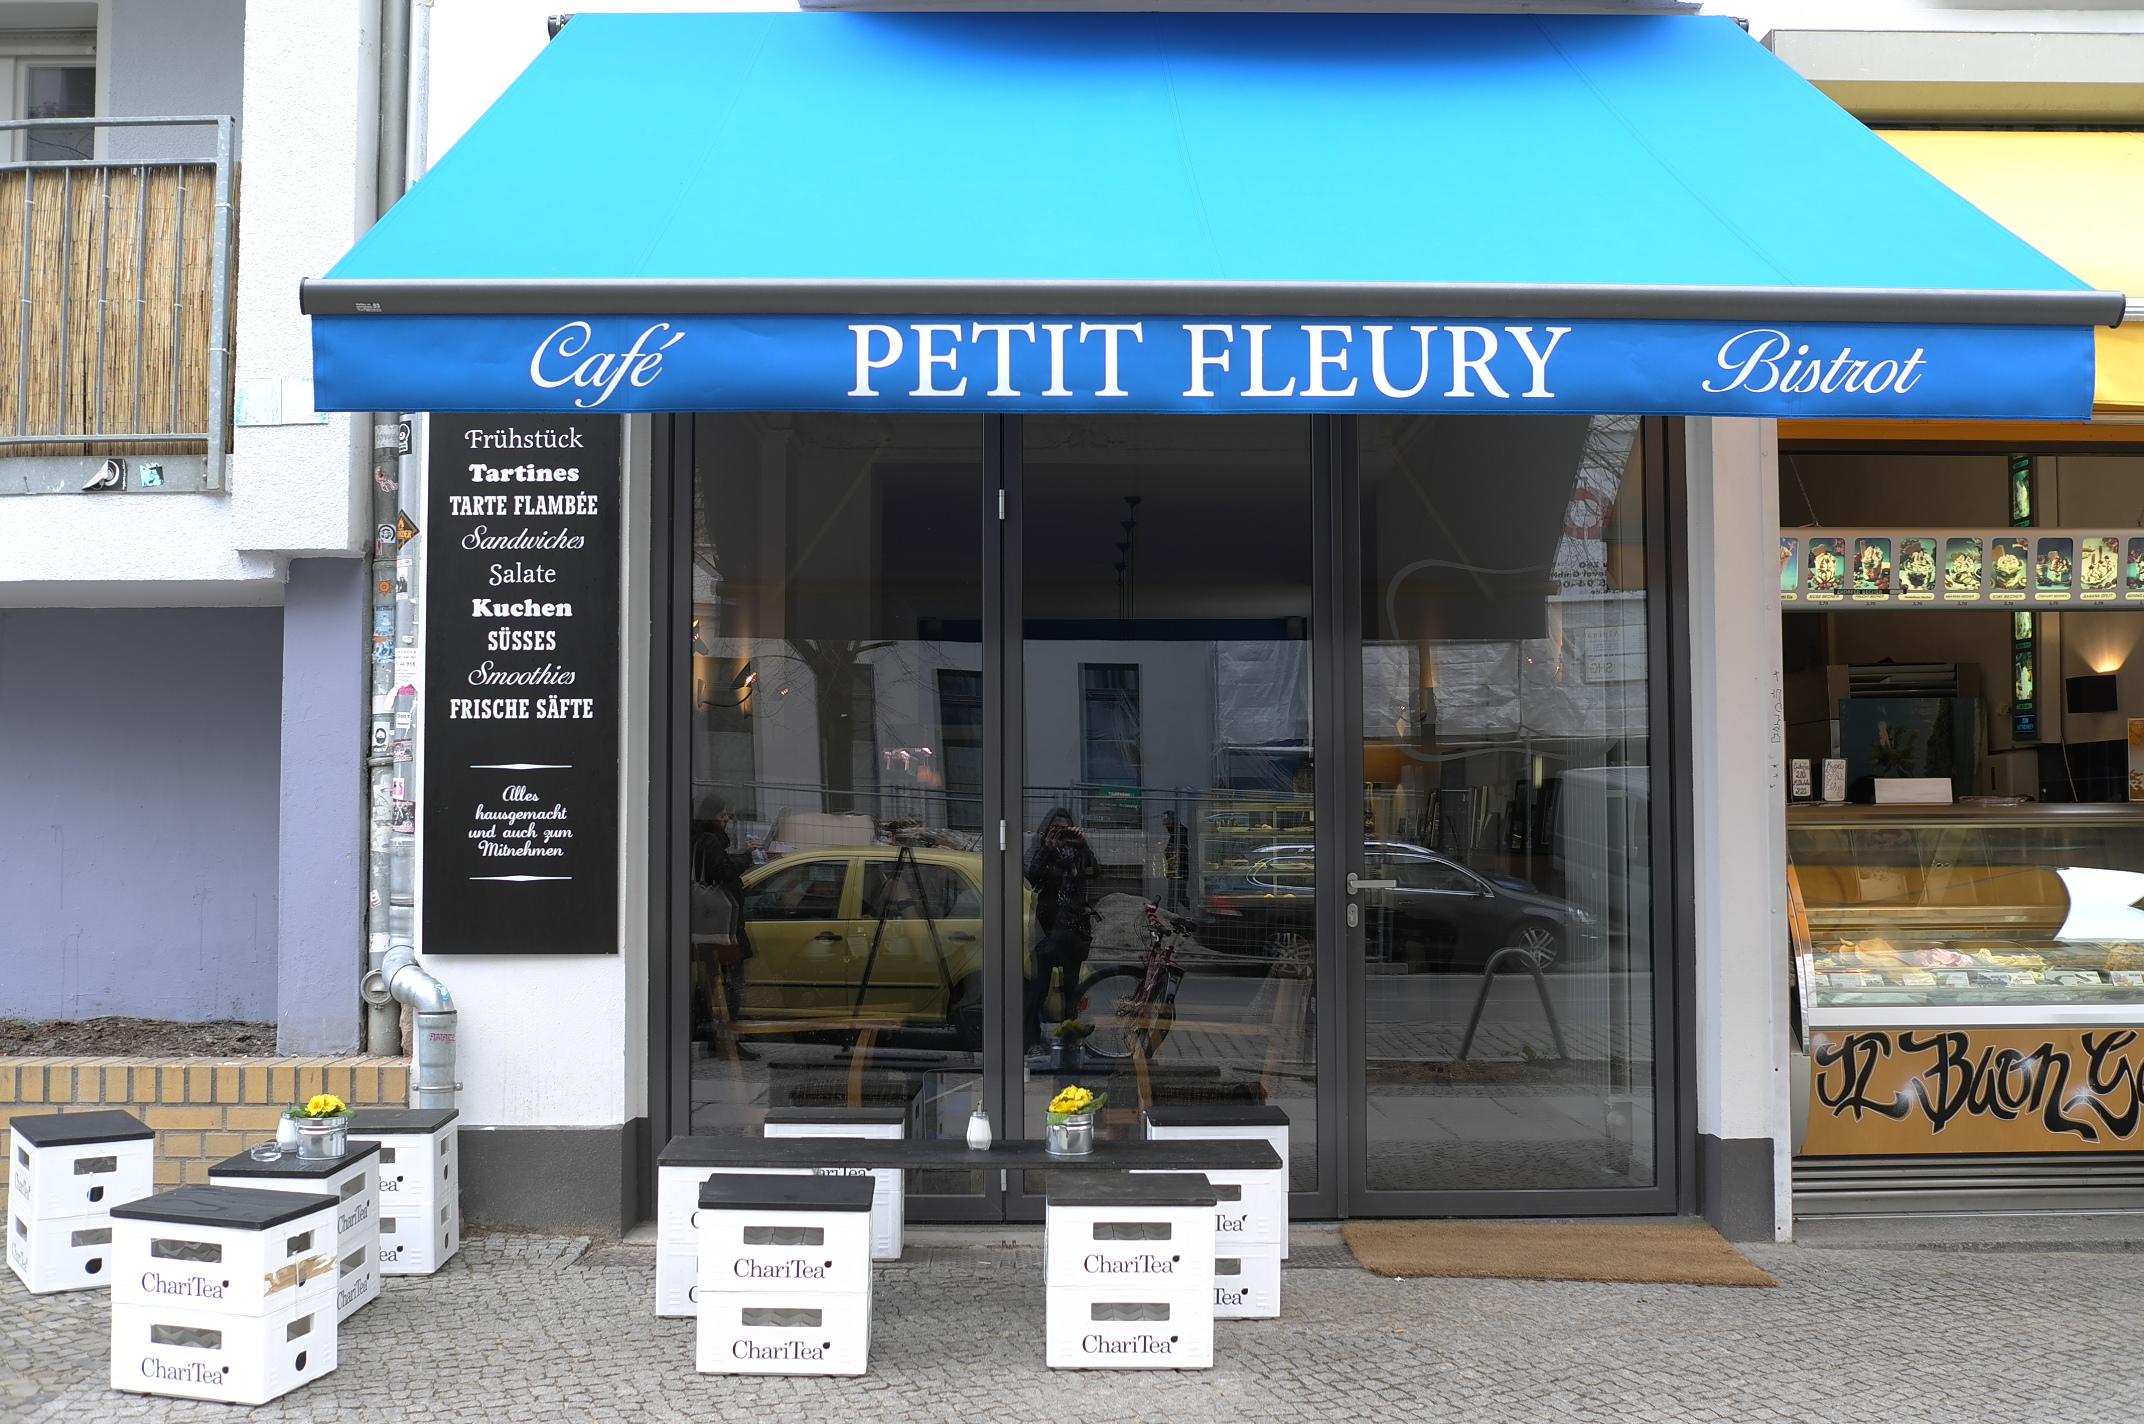 petit fleury caf mitte foodie in berlin. Black Bedroom Furniture Sets. Home Design Ideas